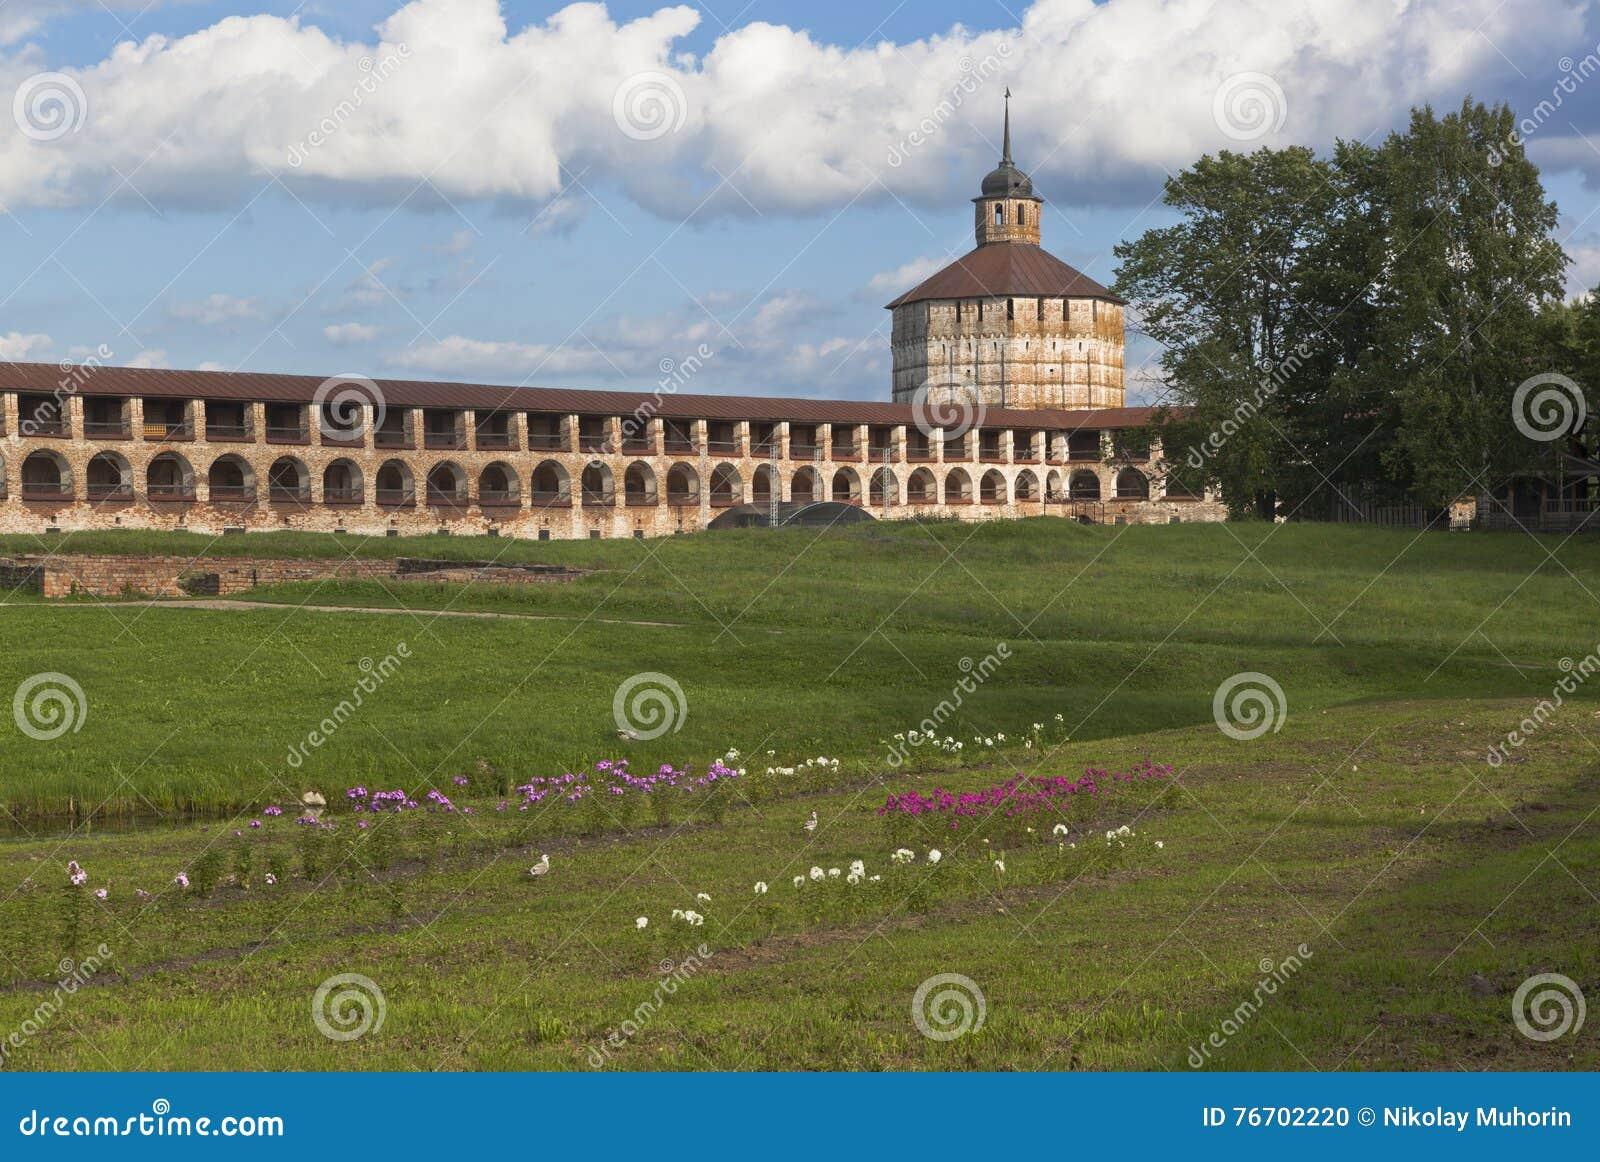 Cidade da fortaleza e torre novas do monastério de Kirillo-Belozersky, região de Vologda de Vologda, Rússia